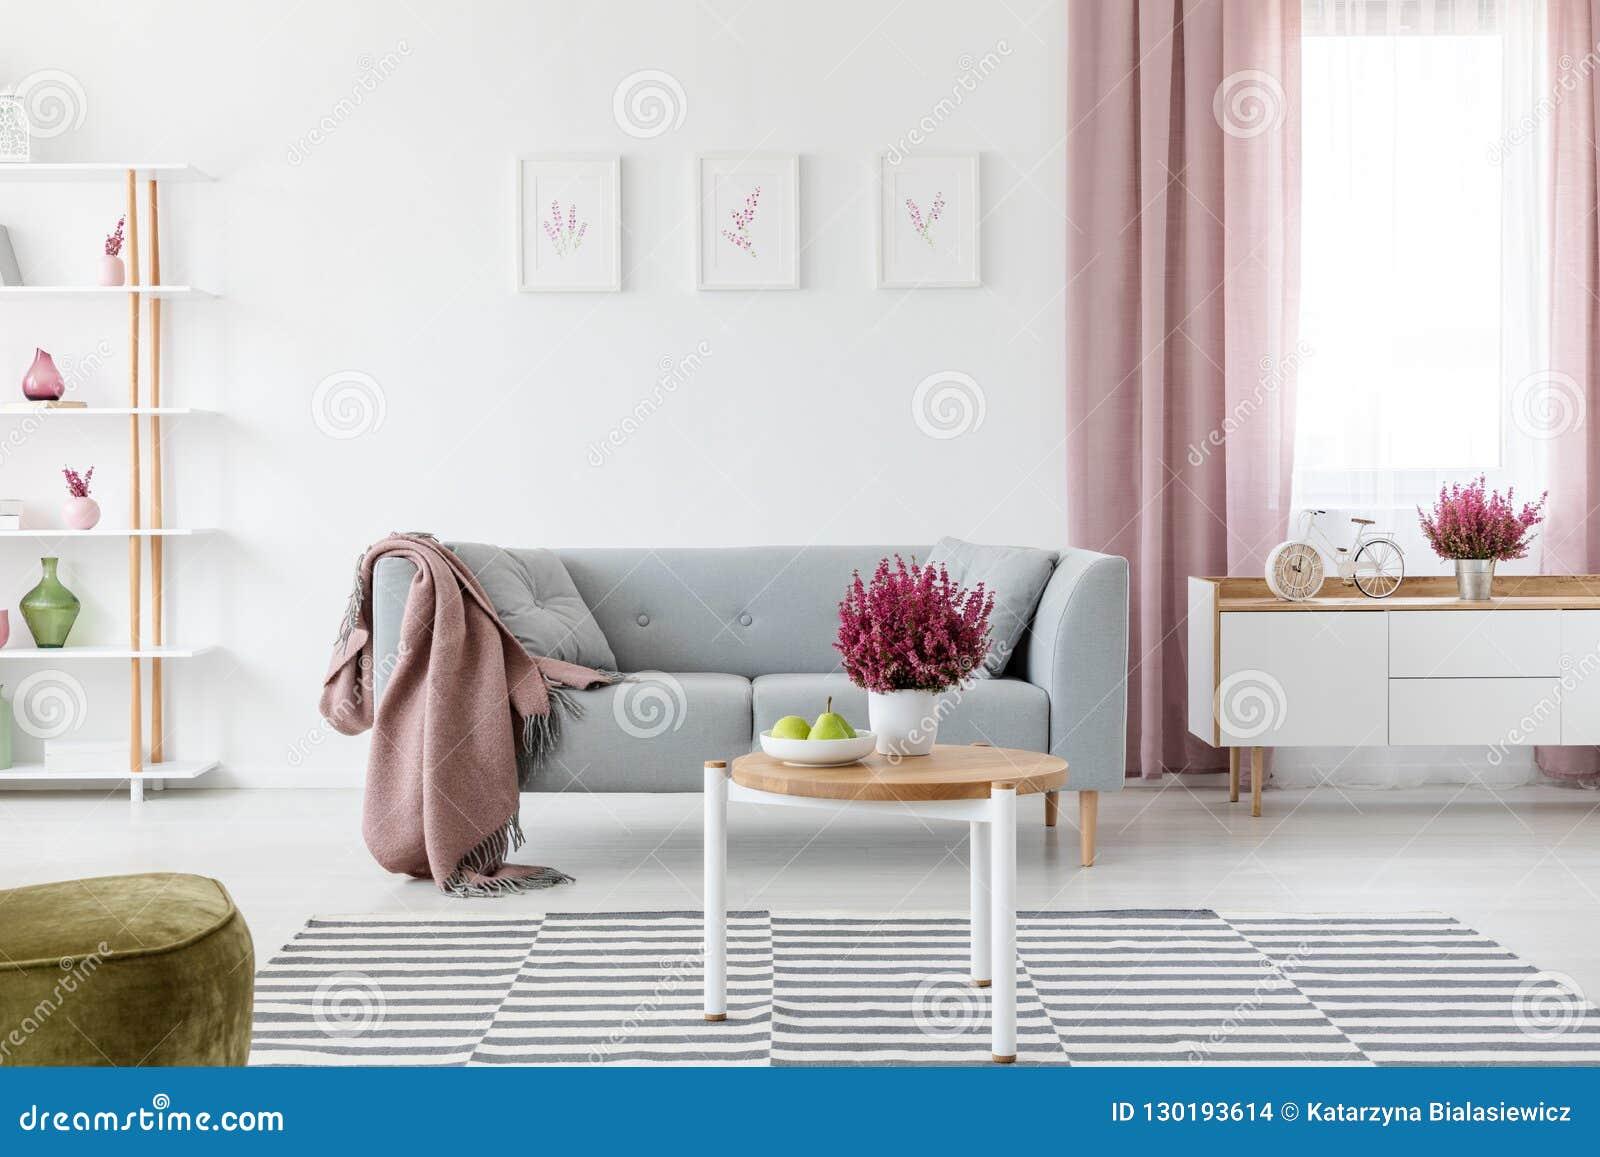 Деревянный журнальный стол со свежими вереском и плодами на плите на реальном фото яркой гостиной внутреннем с плакатами на стене